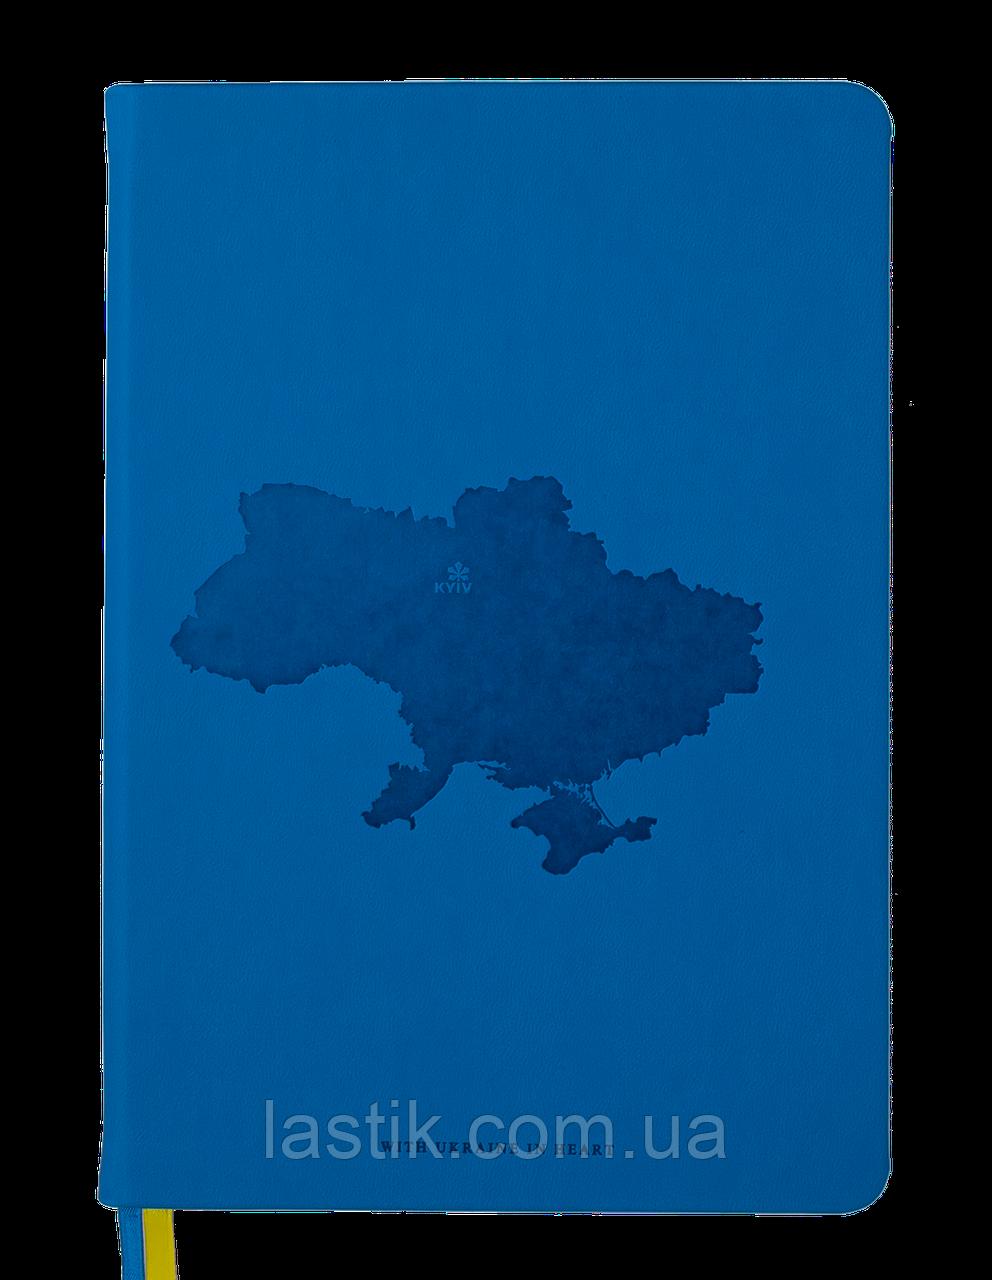 Блокнот деловой UKRAINE А5 96л клетка иск кожа синий